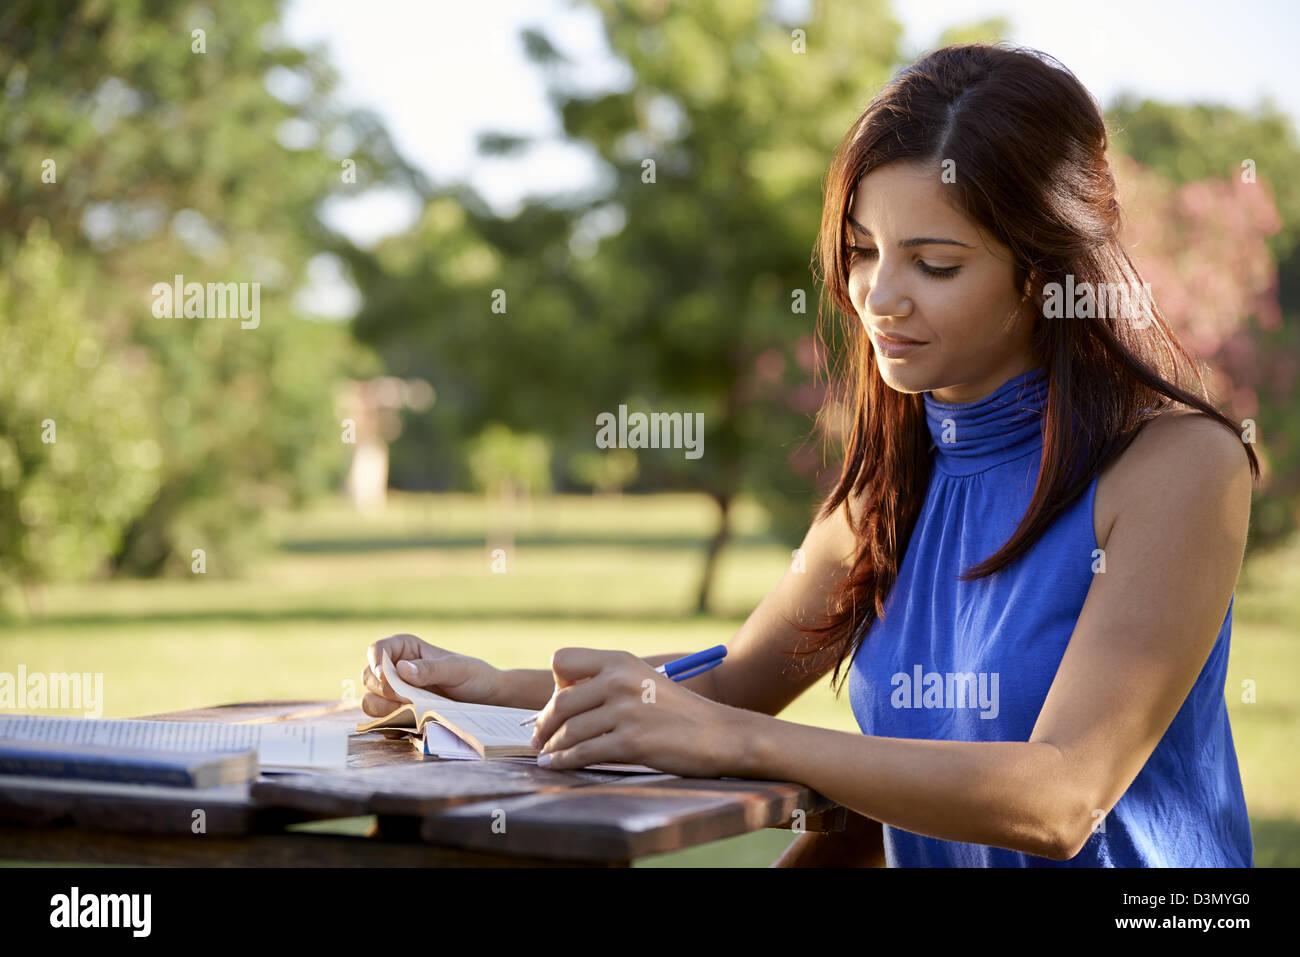 Las mujeres jóvenes y la educación, estudiante estudiando para el colegio estudio en el parque. Vista Imagen De Stock